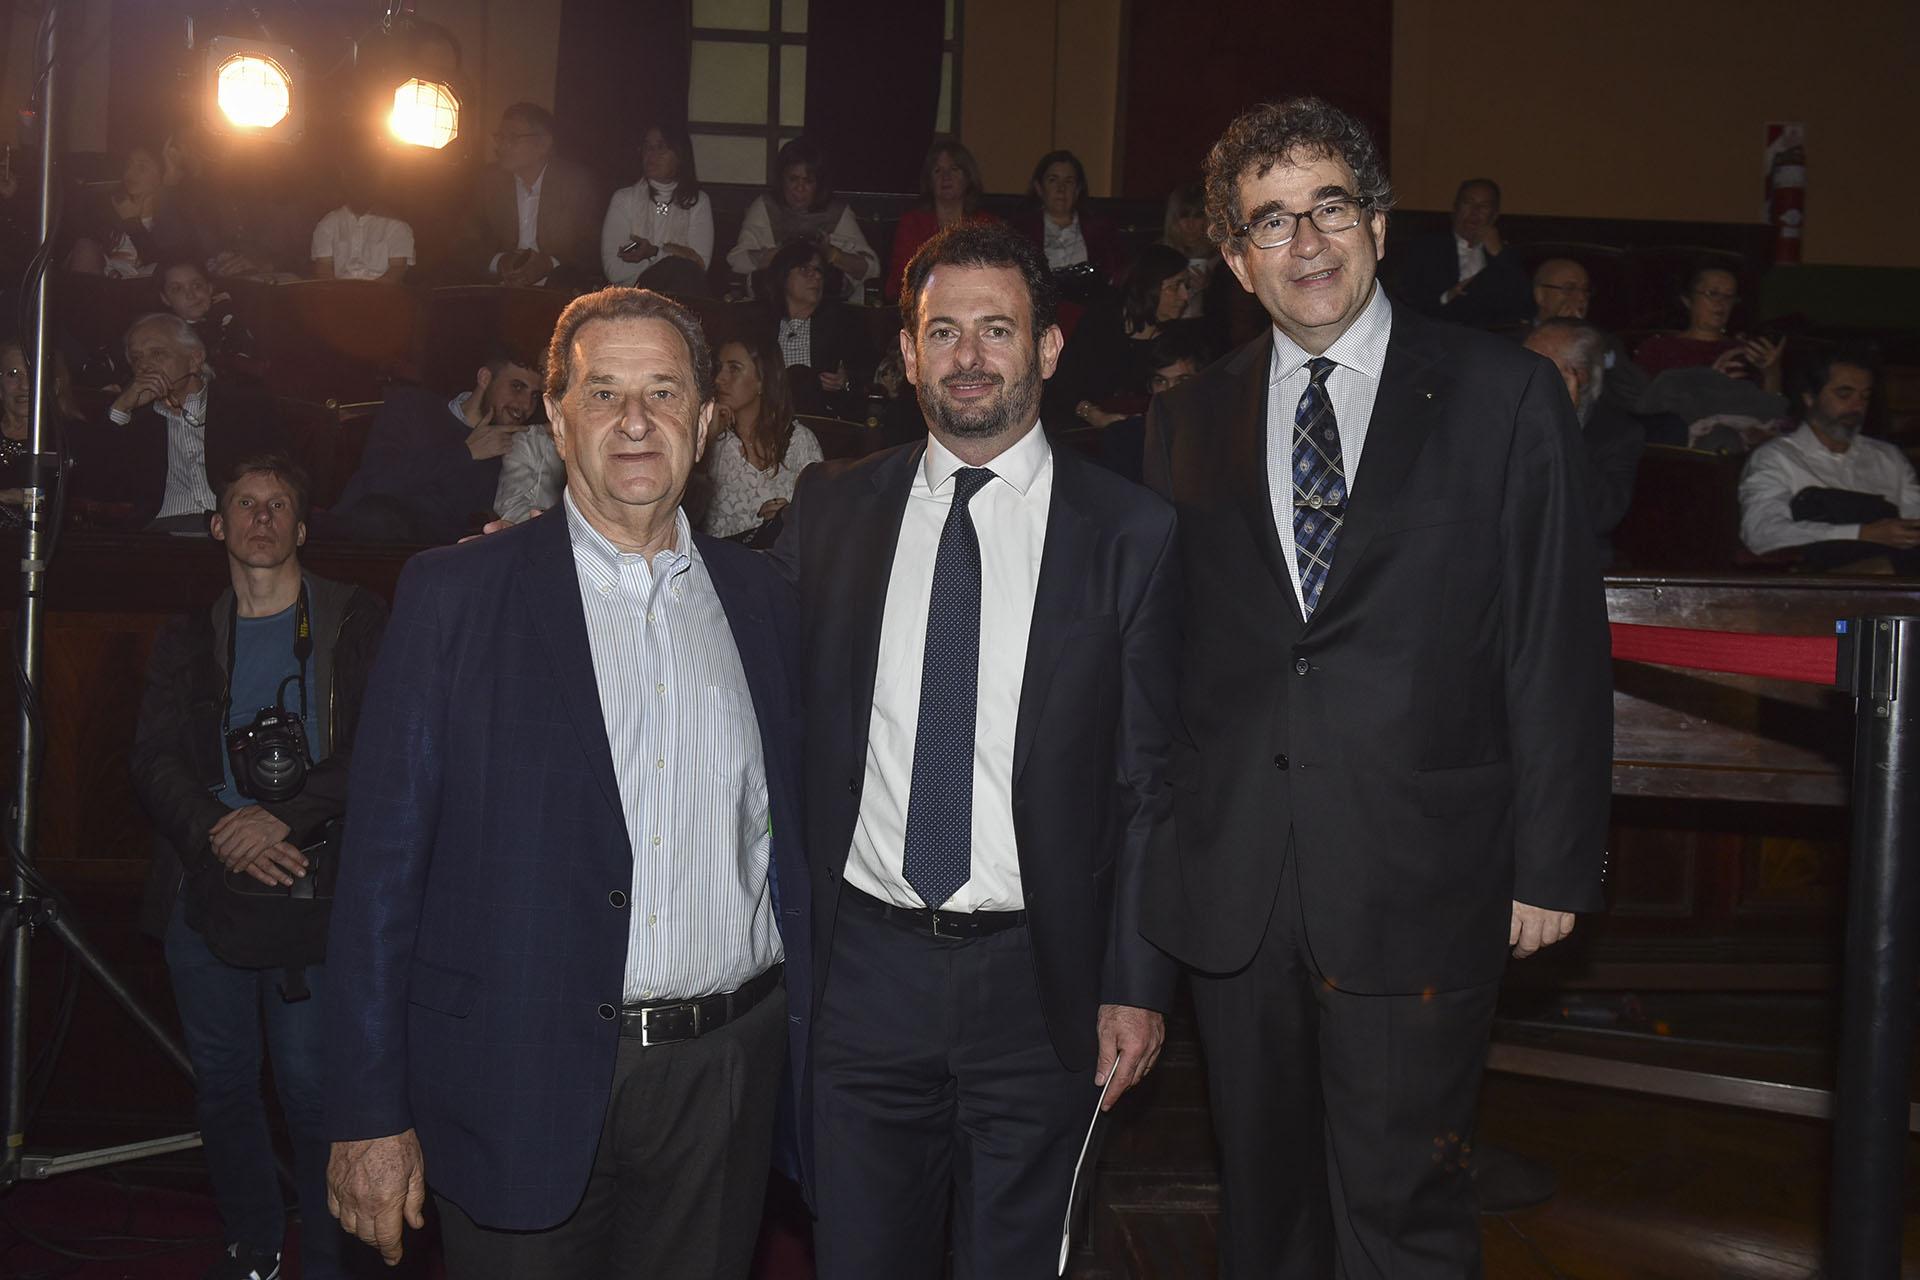 Bernardo Kosacoff, José Urtubey y José Siaba Serrate